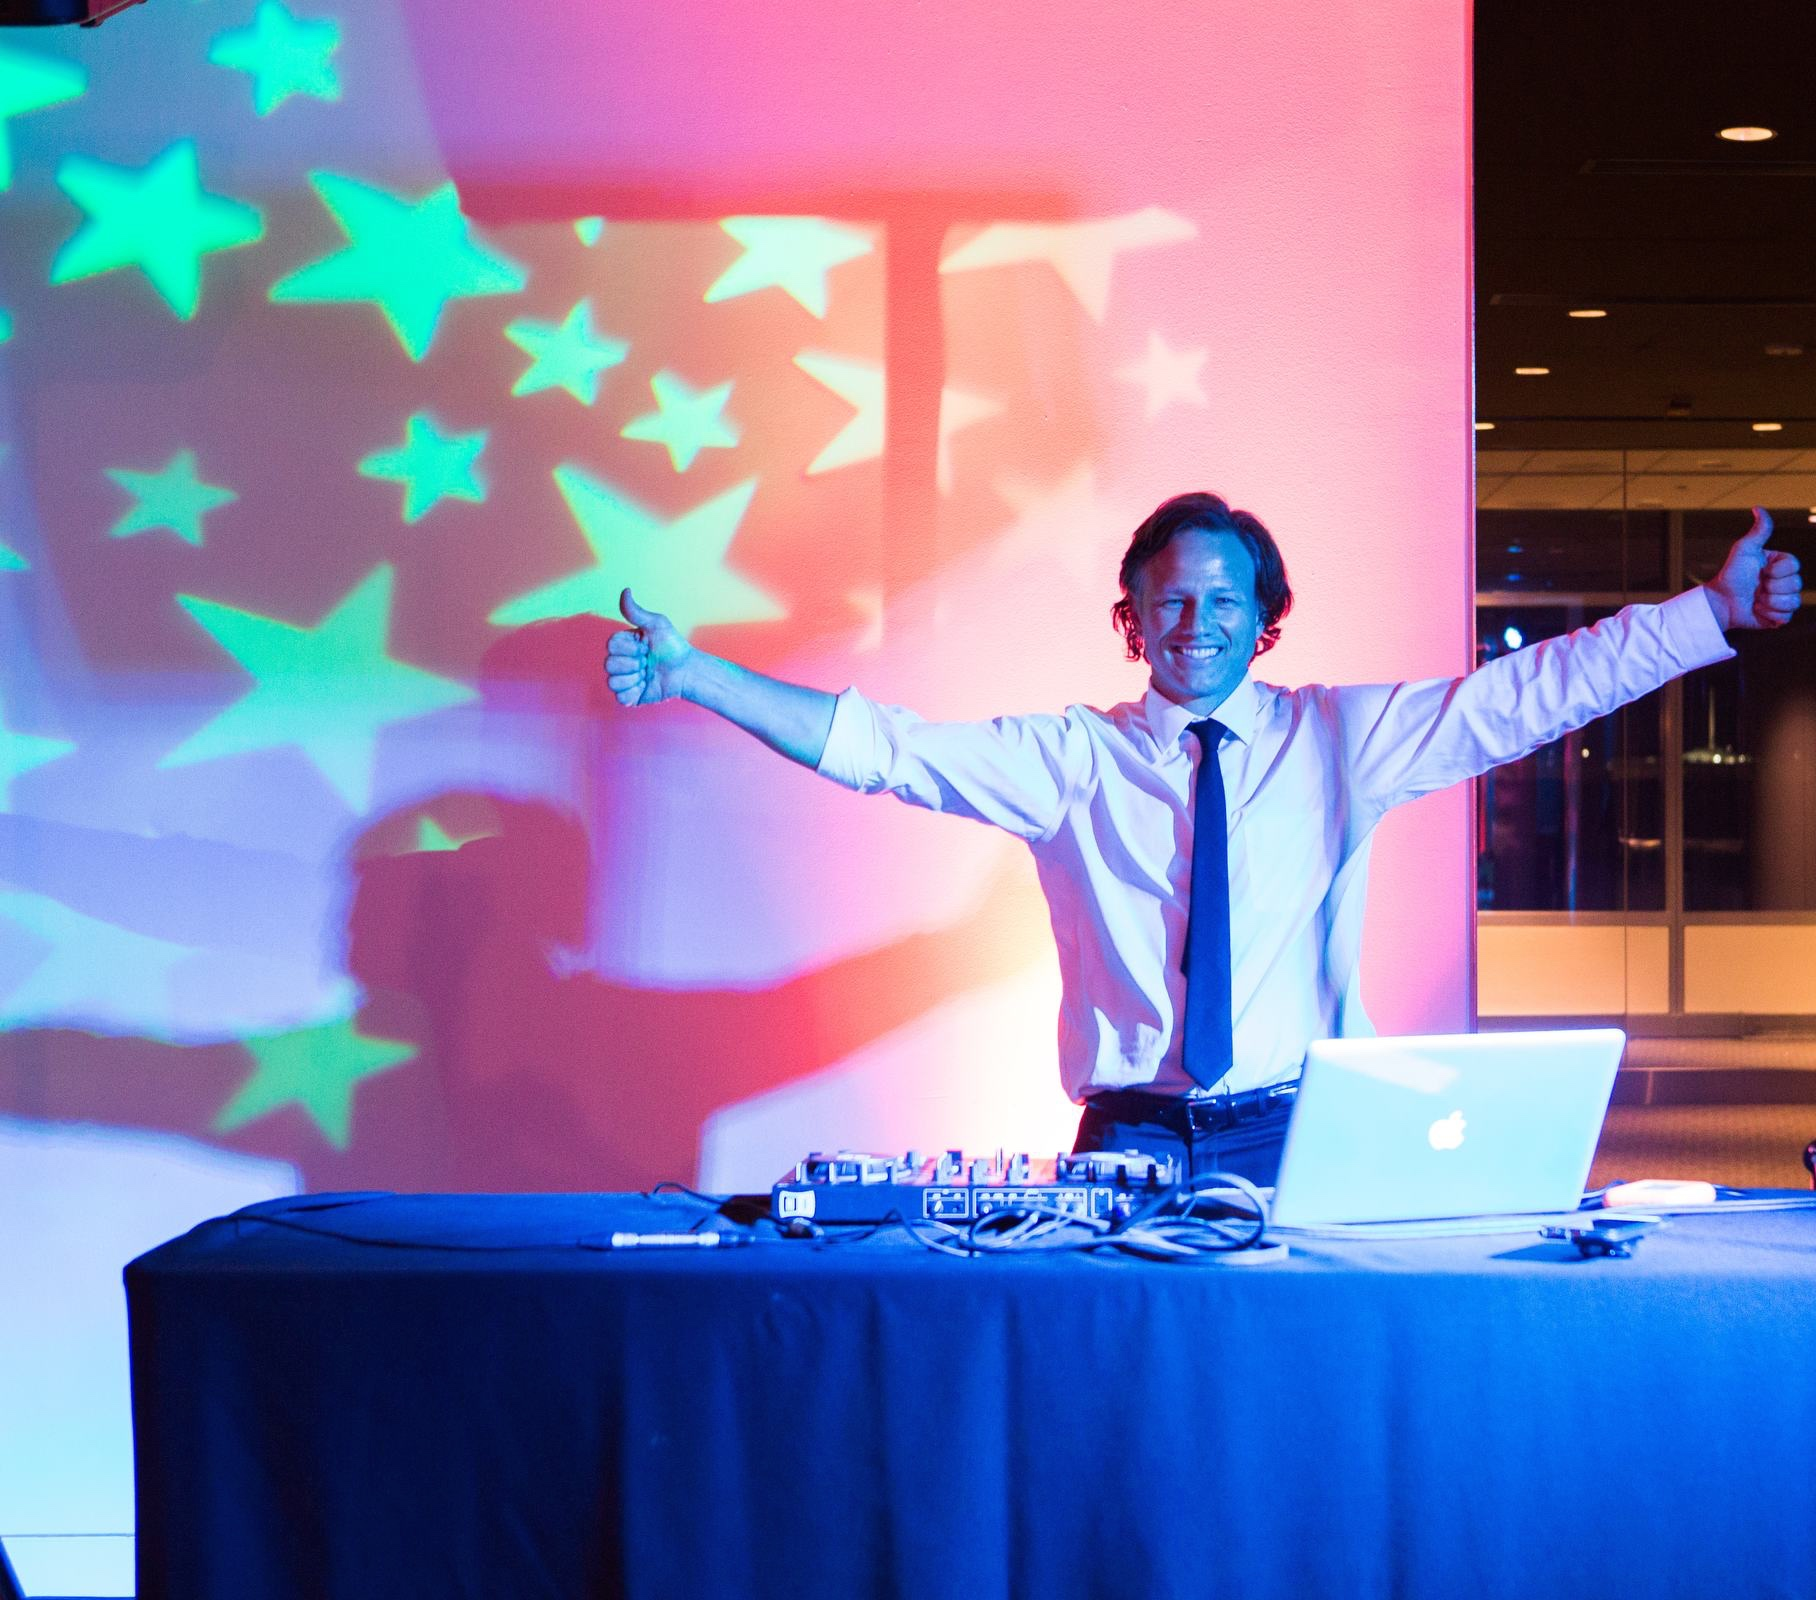 DJ RAY JARRELL SPINNING ALL NIGHT